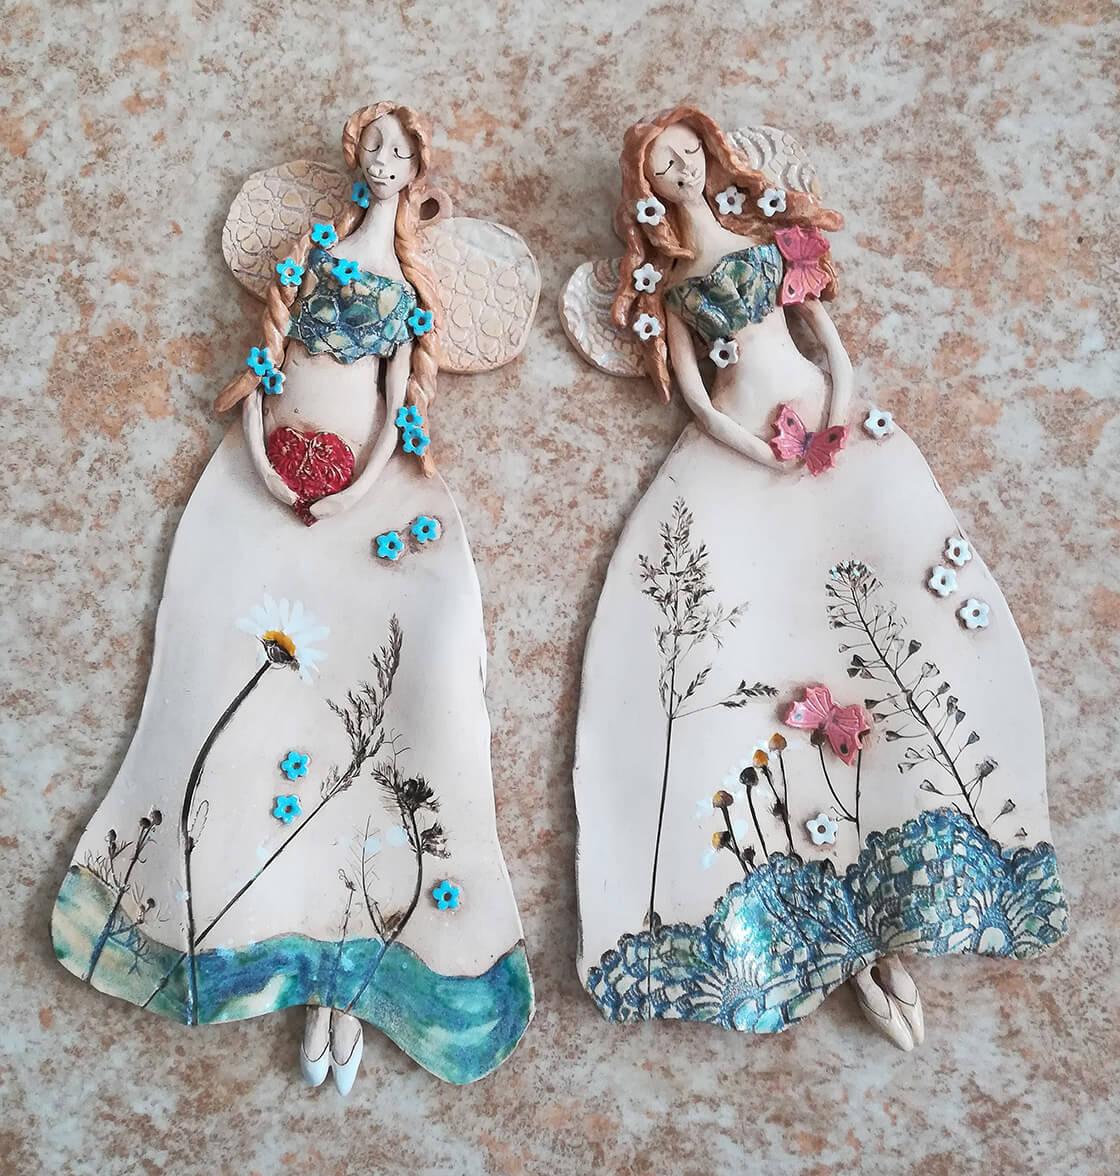 dvě vílenky s květinovým motivem na šatech na zavěšení na zeď